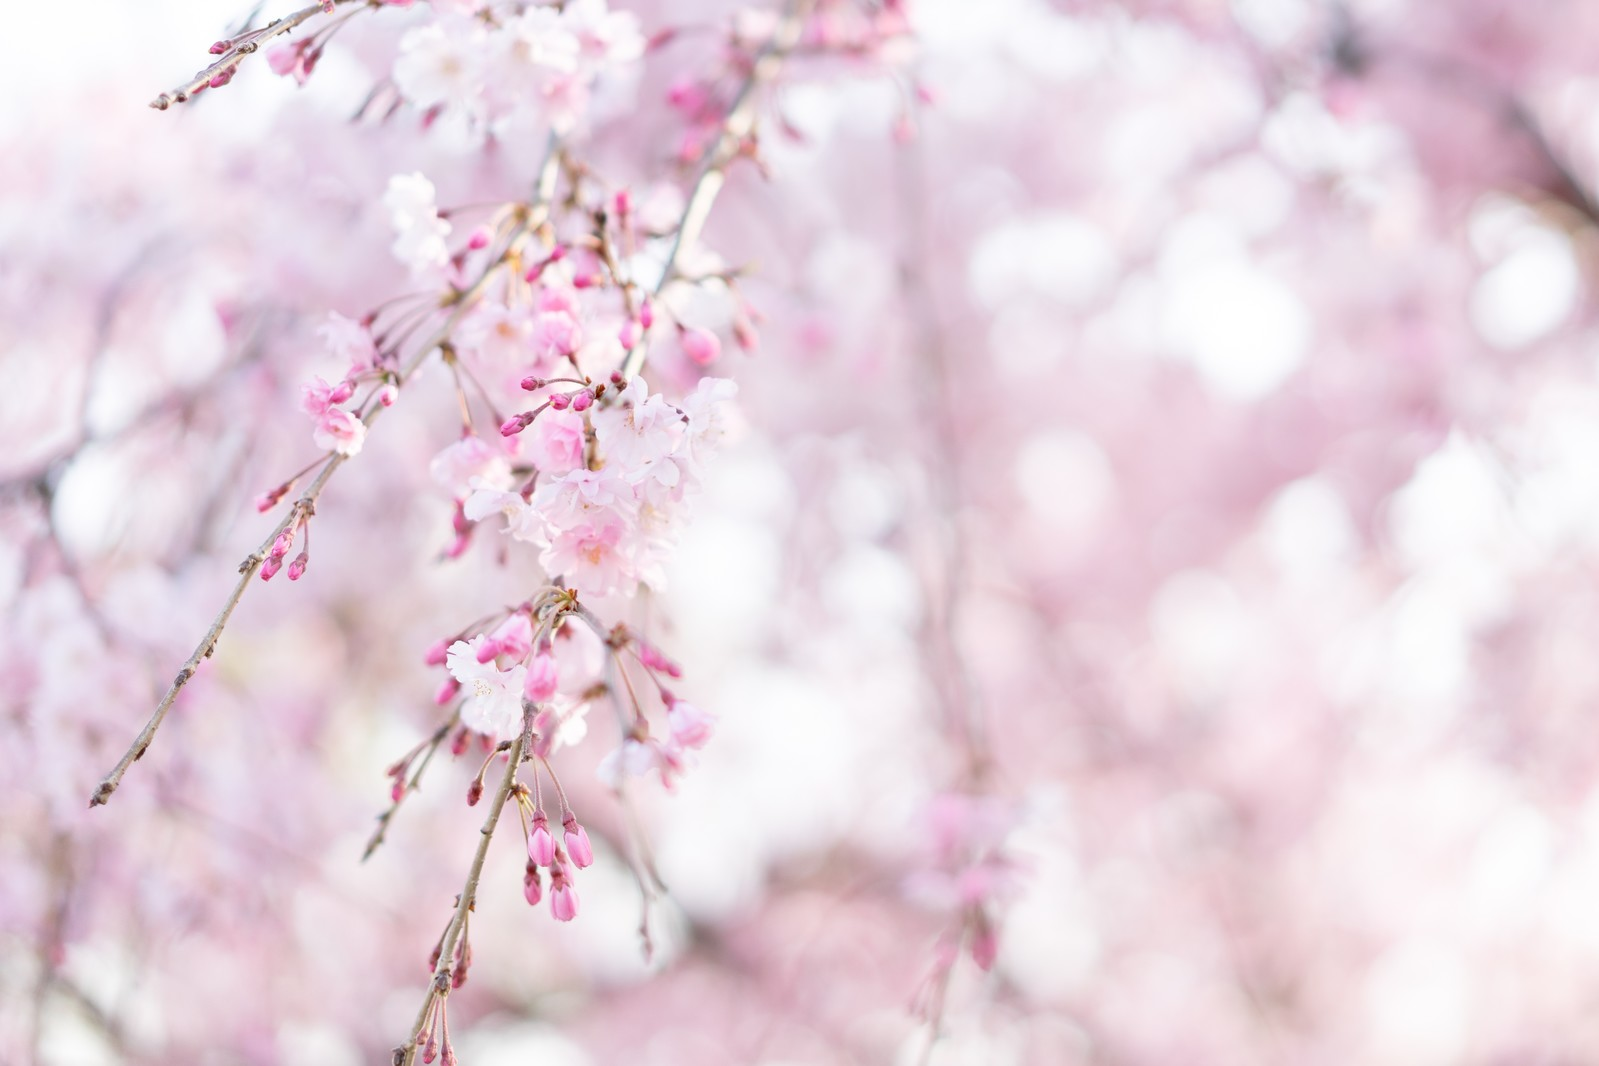 「桜の蕾がほころぶ桜の蕾がほころぶ」のフリー写真素材を拡大